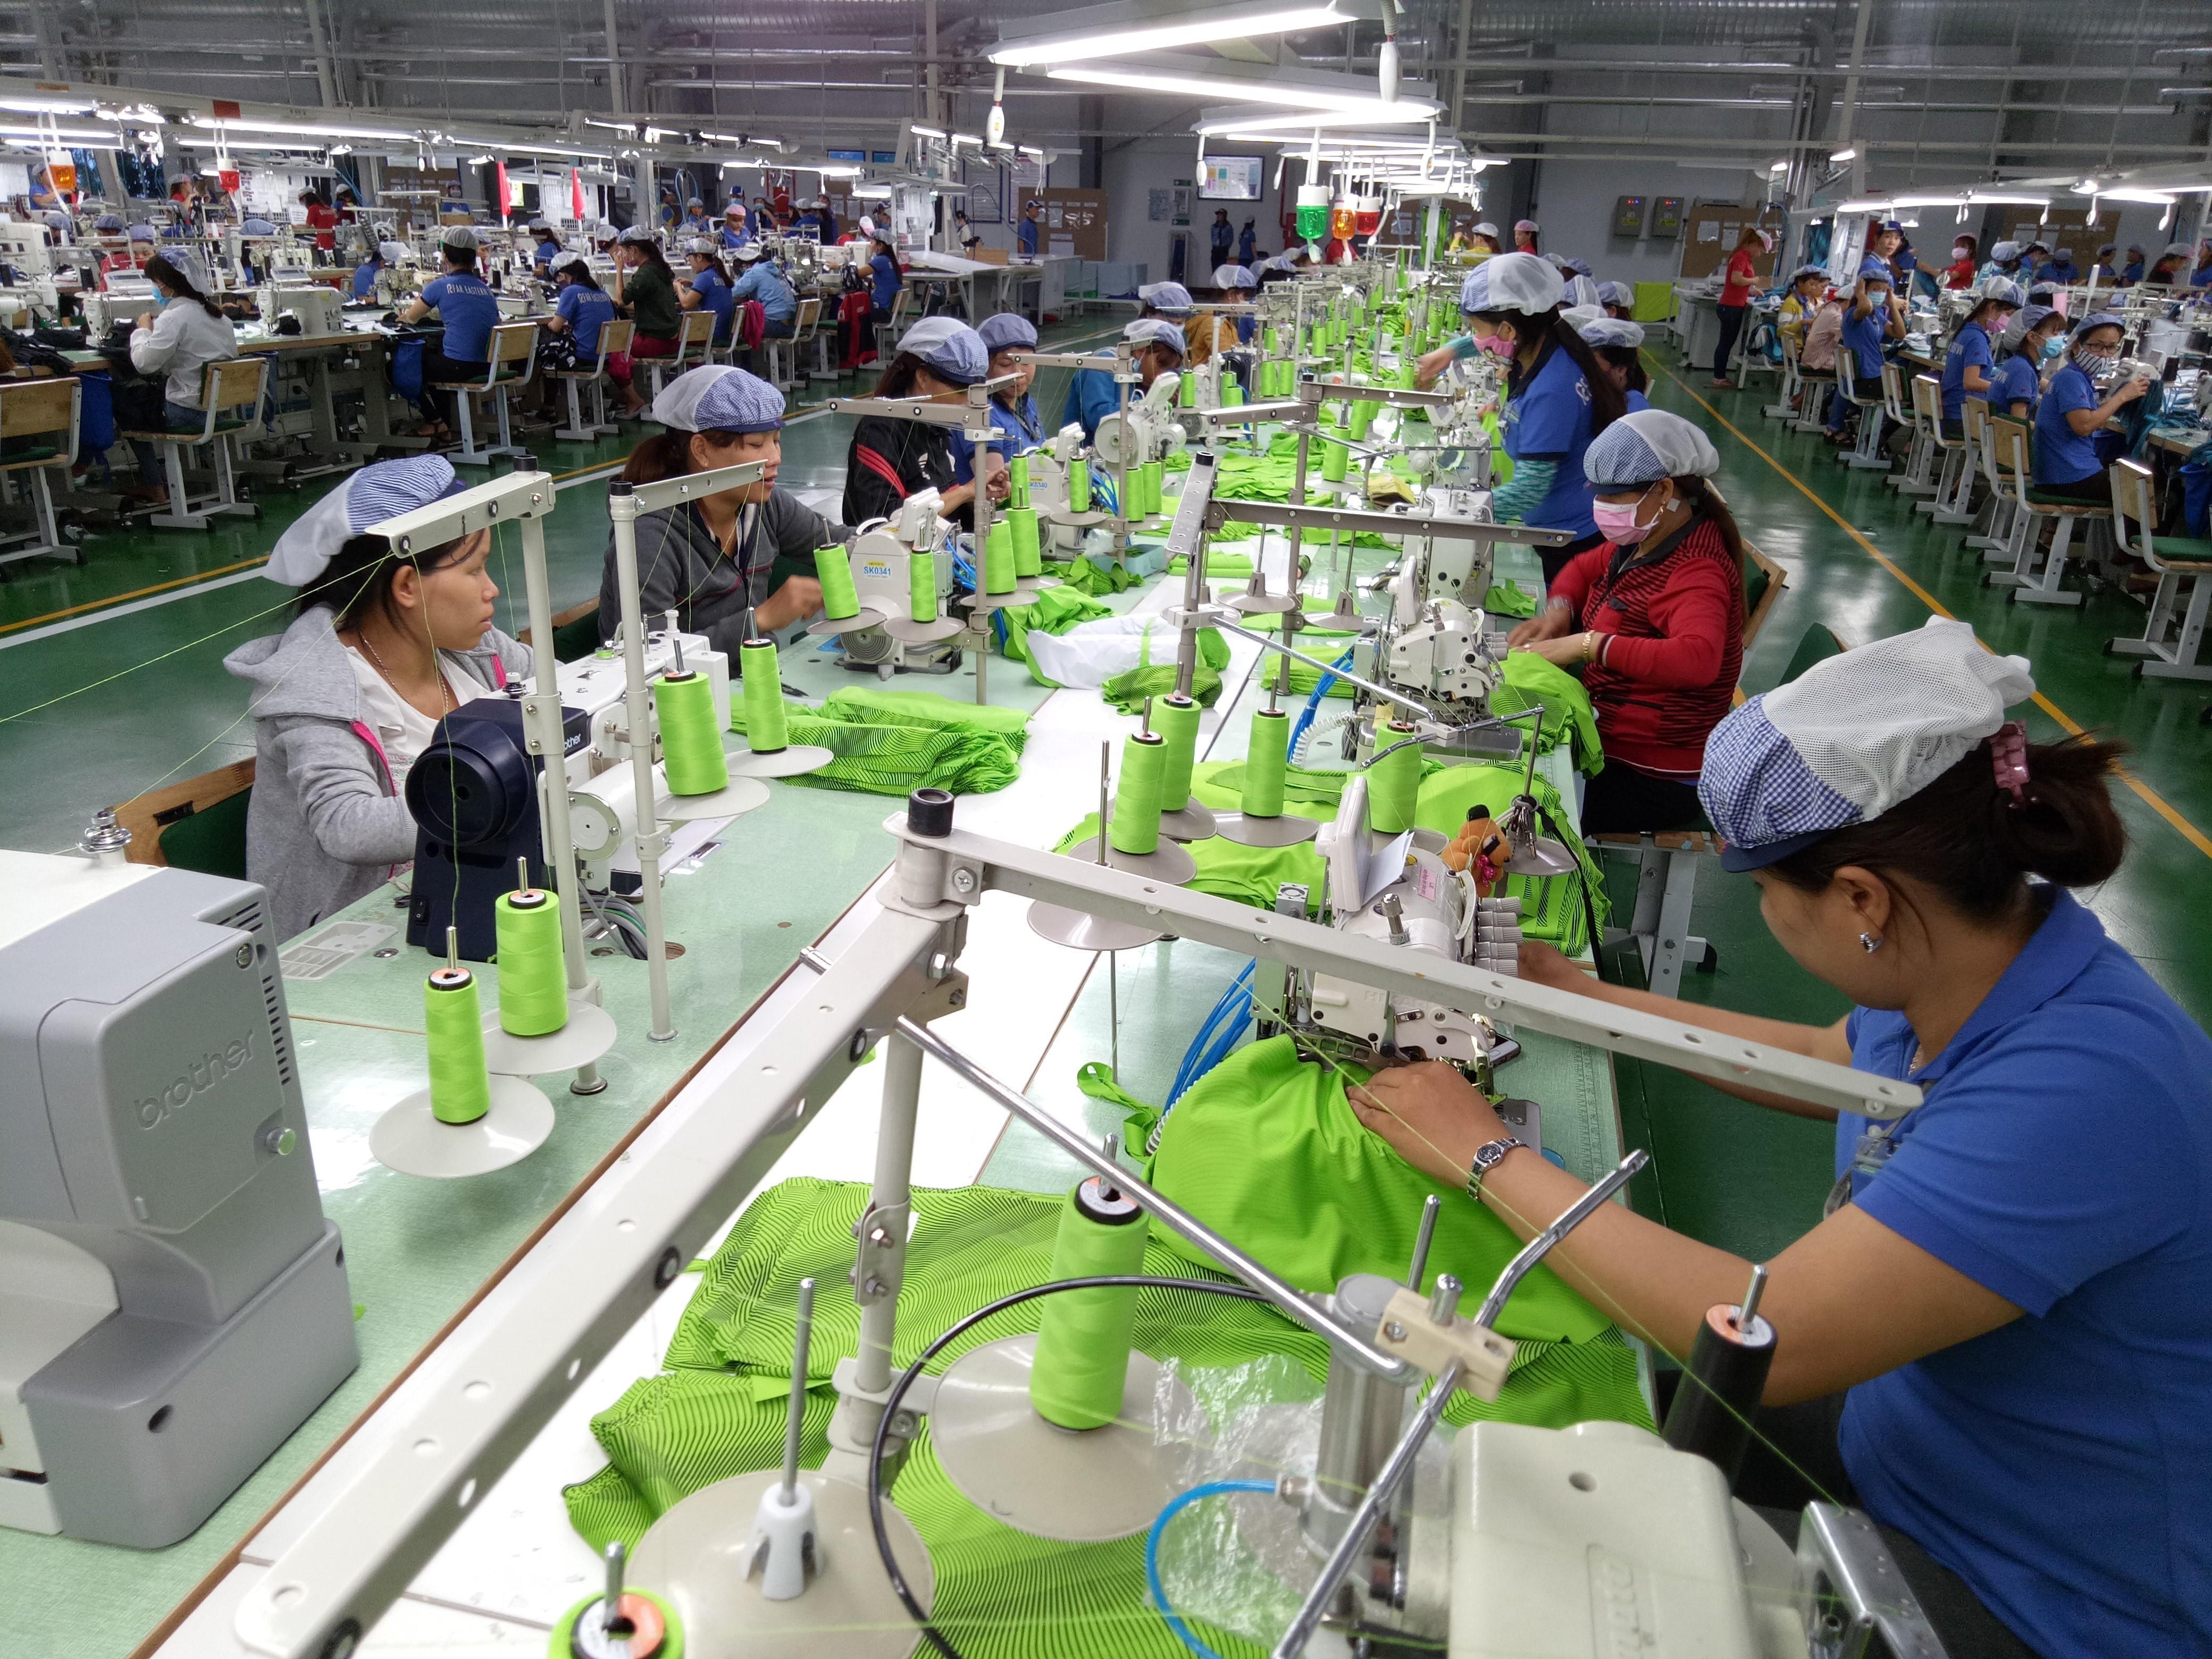 L'accord de libre-échange entre le Vietnam et l'UE (EVFTA) permettra d'attirer de grands flux d'investissement vers le secteur du textile-habillement au Vietnam.